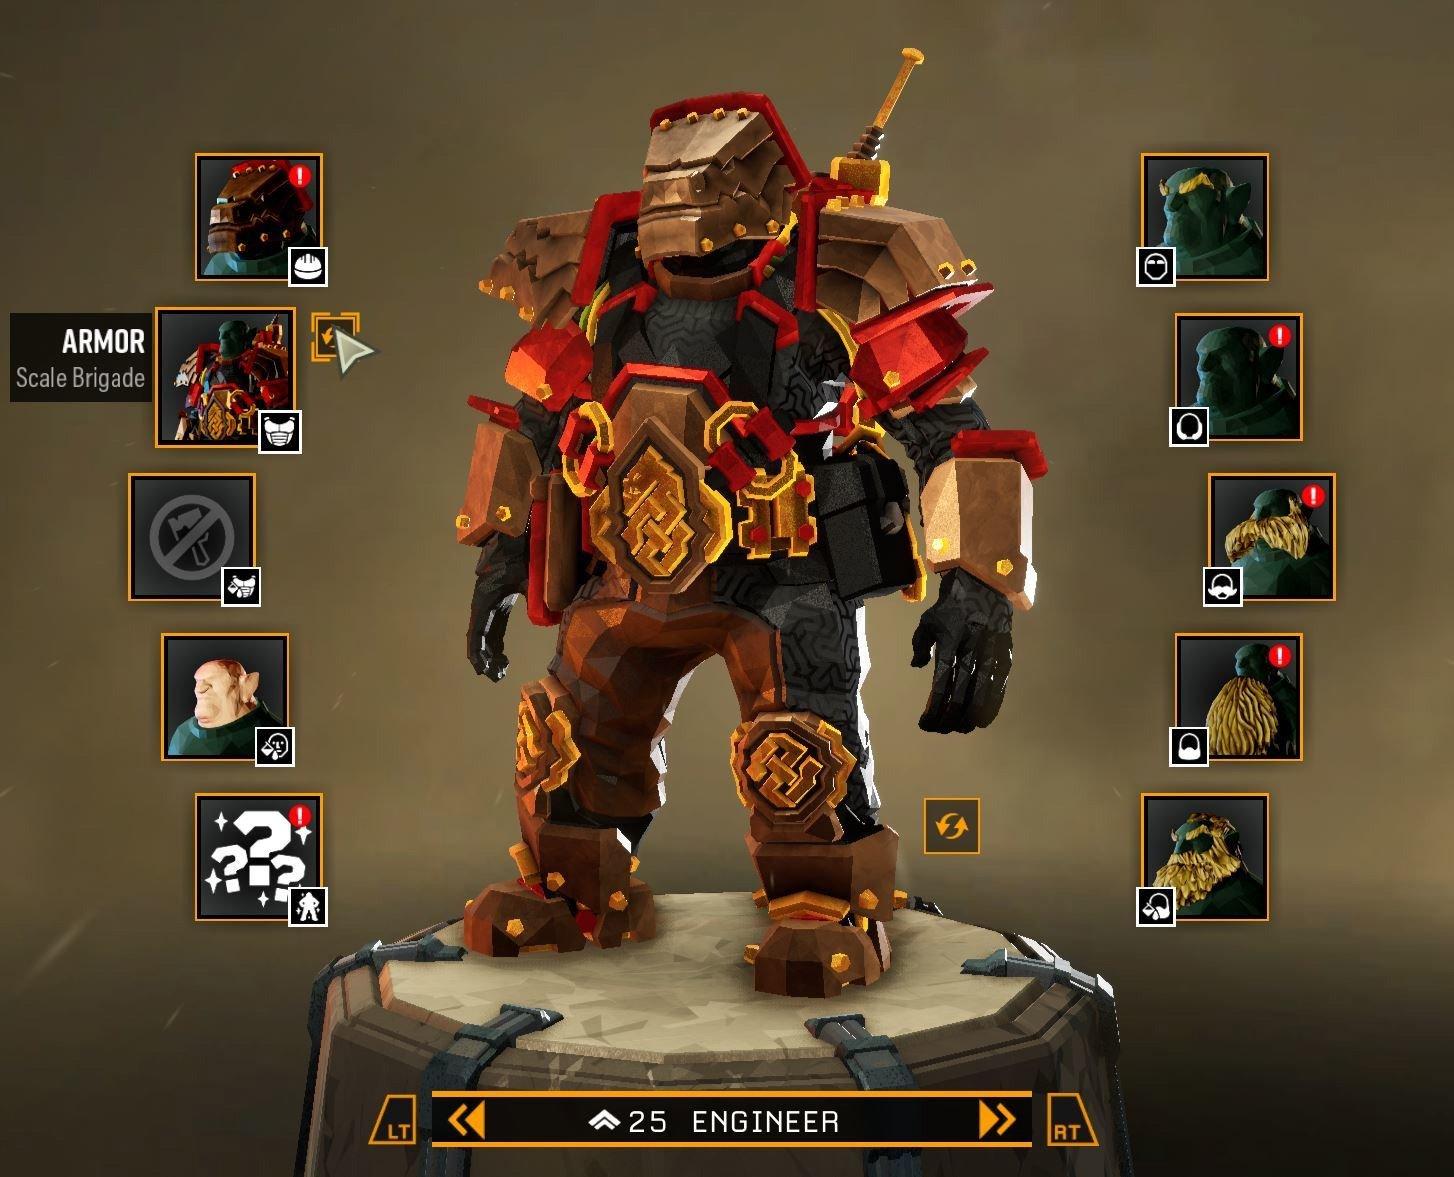 Tout le monde peut déverrouiller l'armure de la brigade d'échelle jusqu'au 14 mars, après quoi elle est limitée aux joueurs de rang 100 et plus.